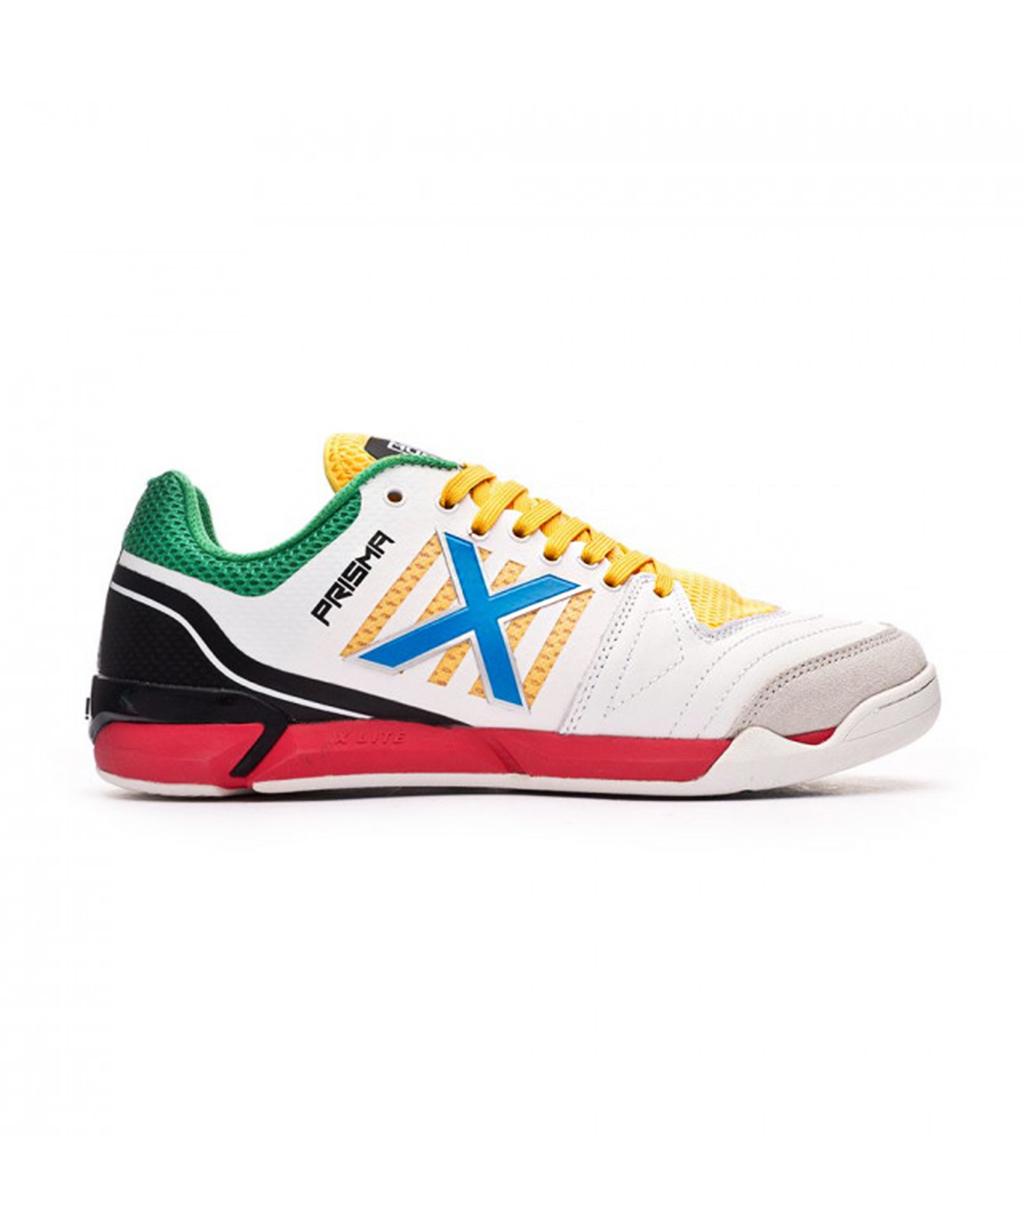 Купить футзалки разноцветные Munich PRISMA 3116006 в интернет-магазине